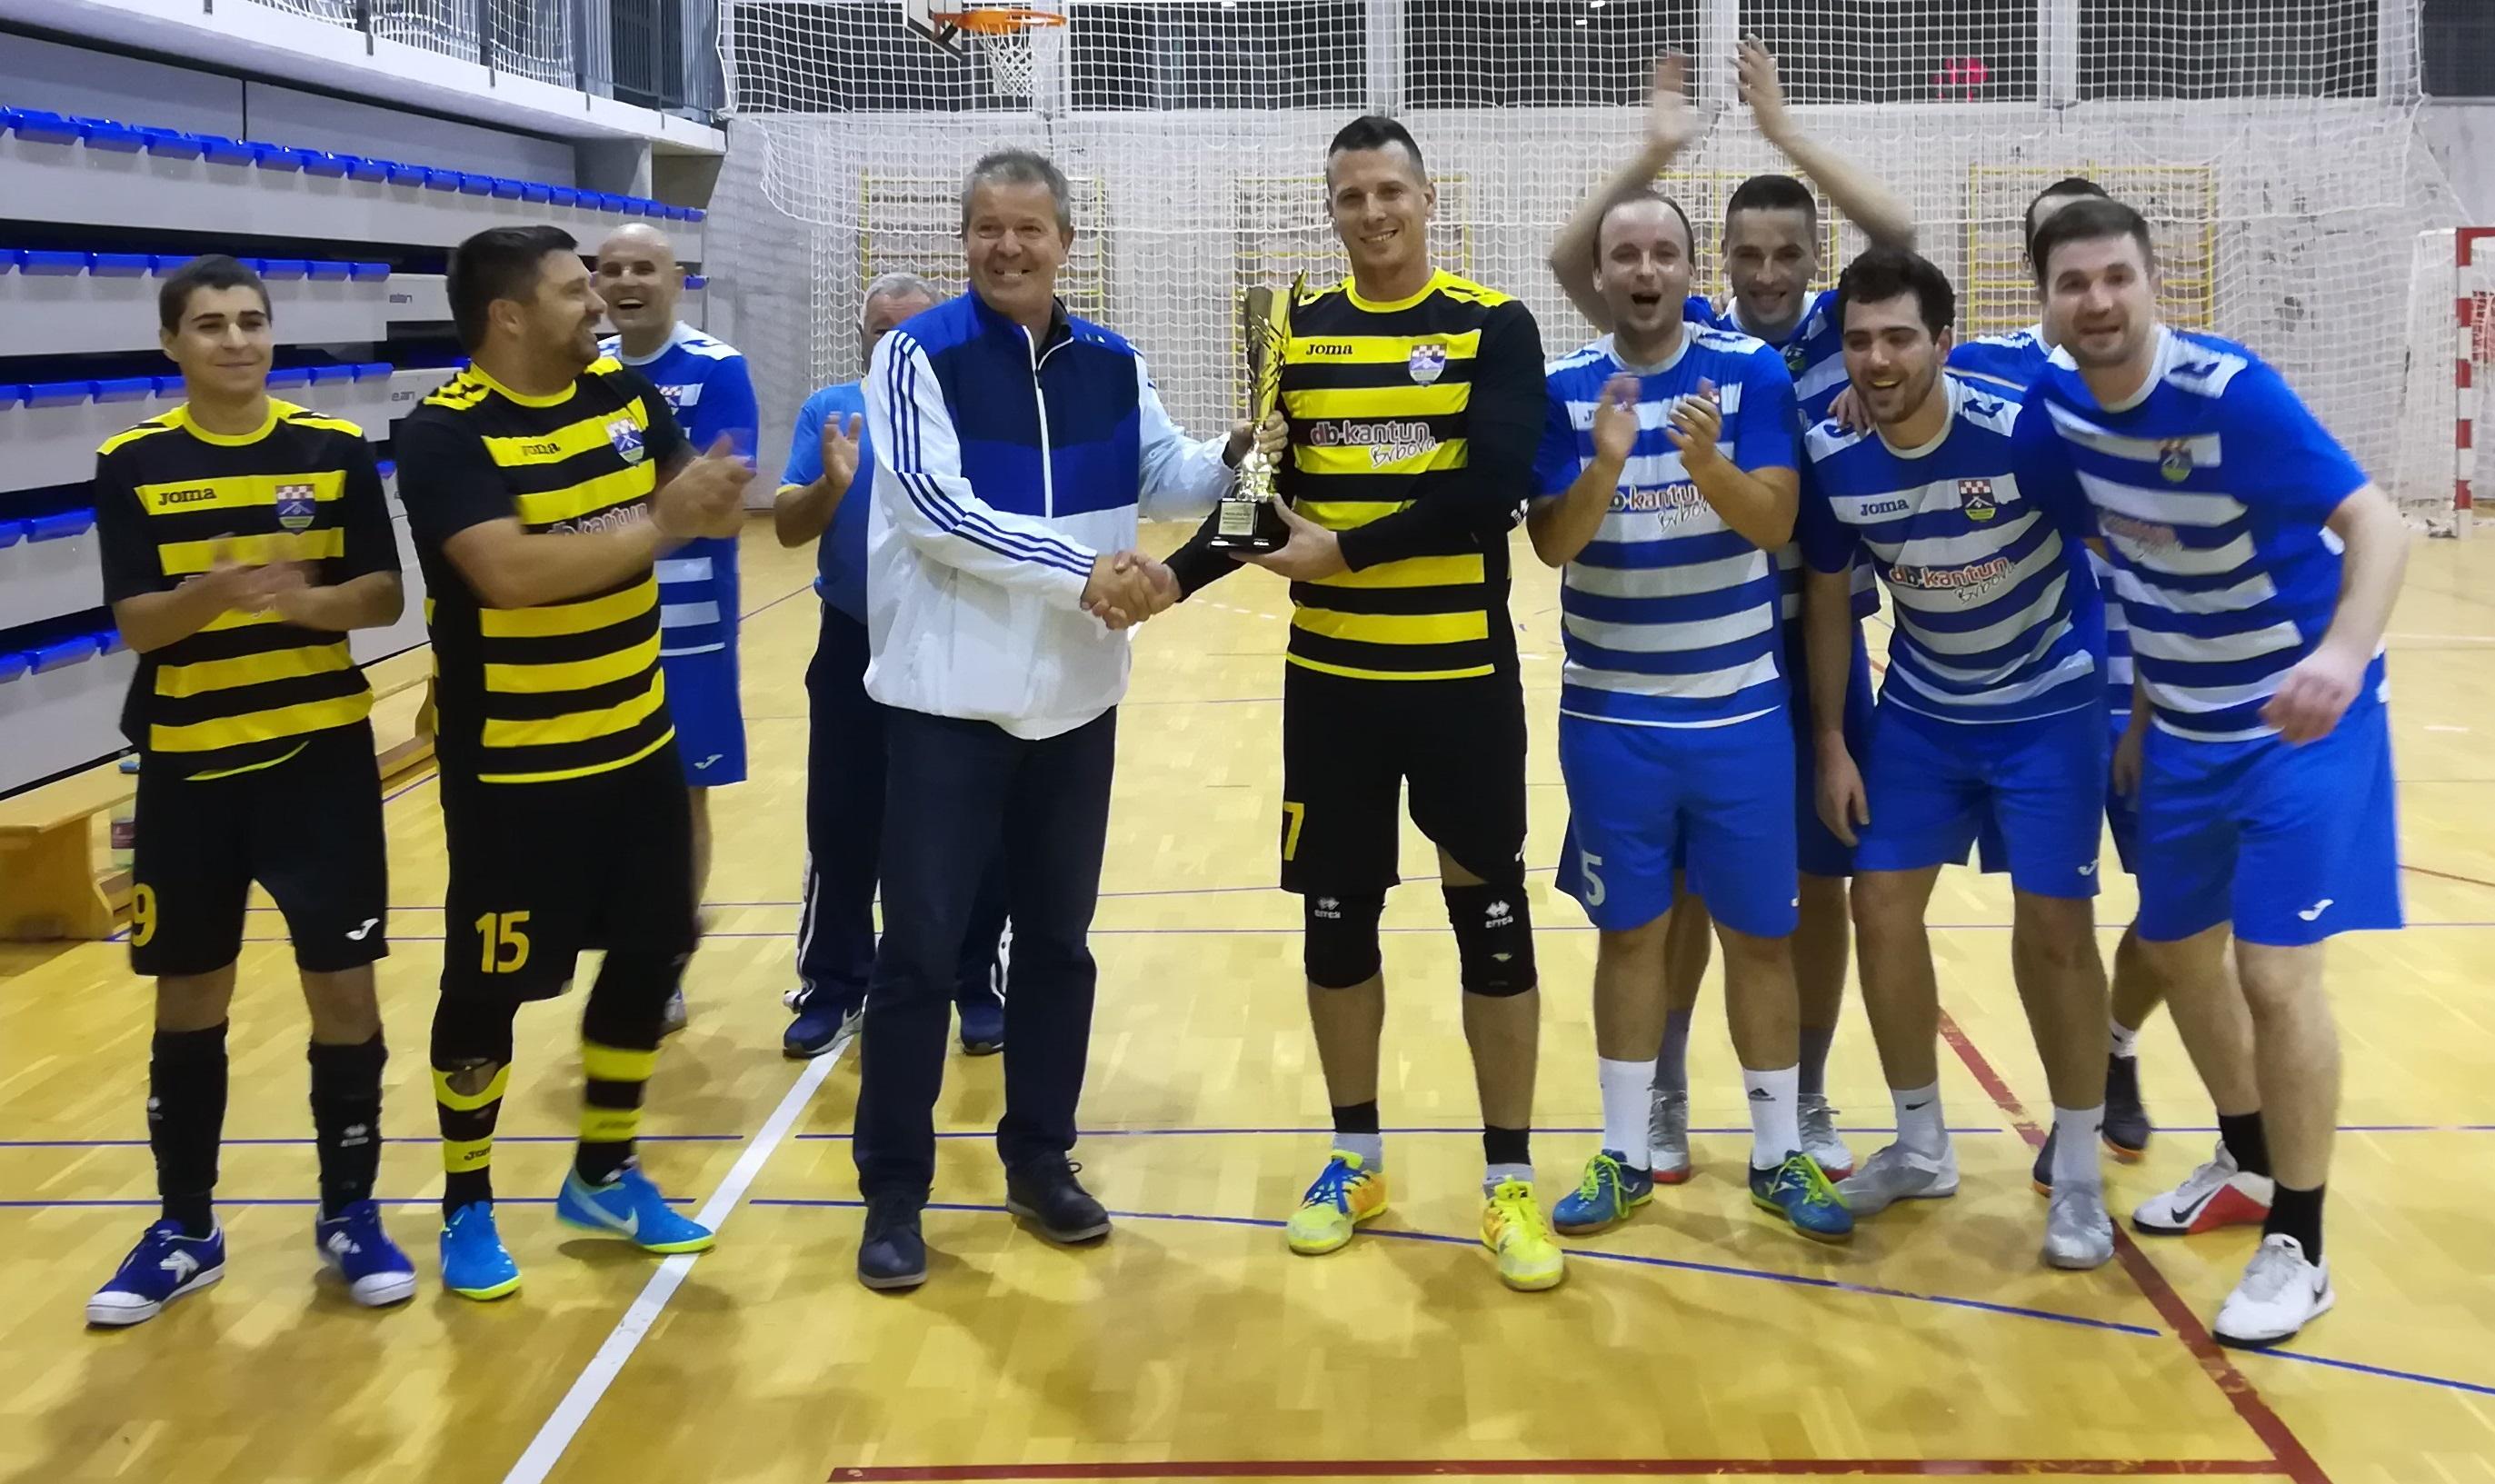 Pobjednici KUP-a 03.11.2018